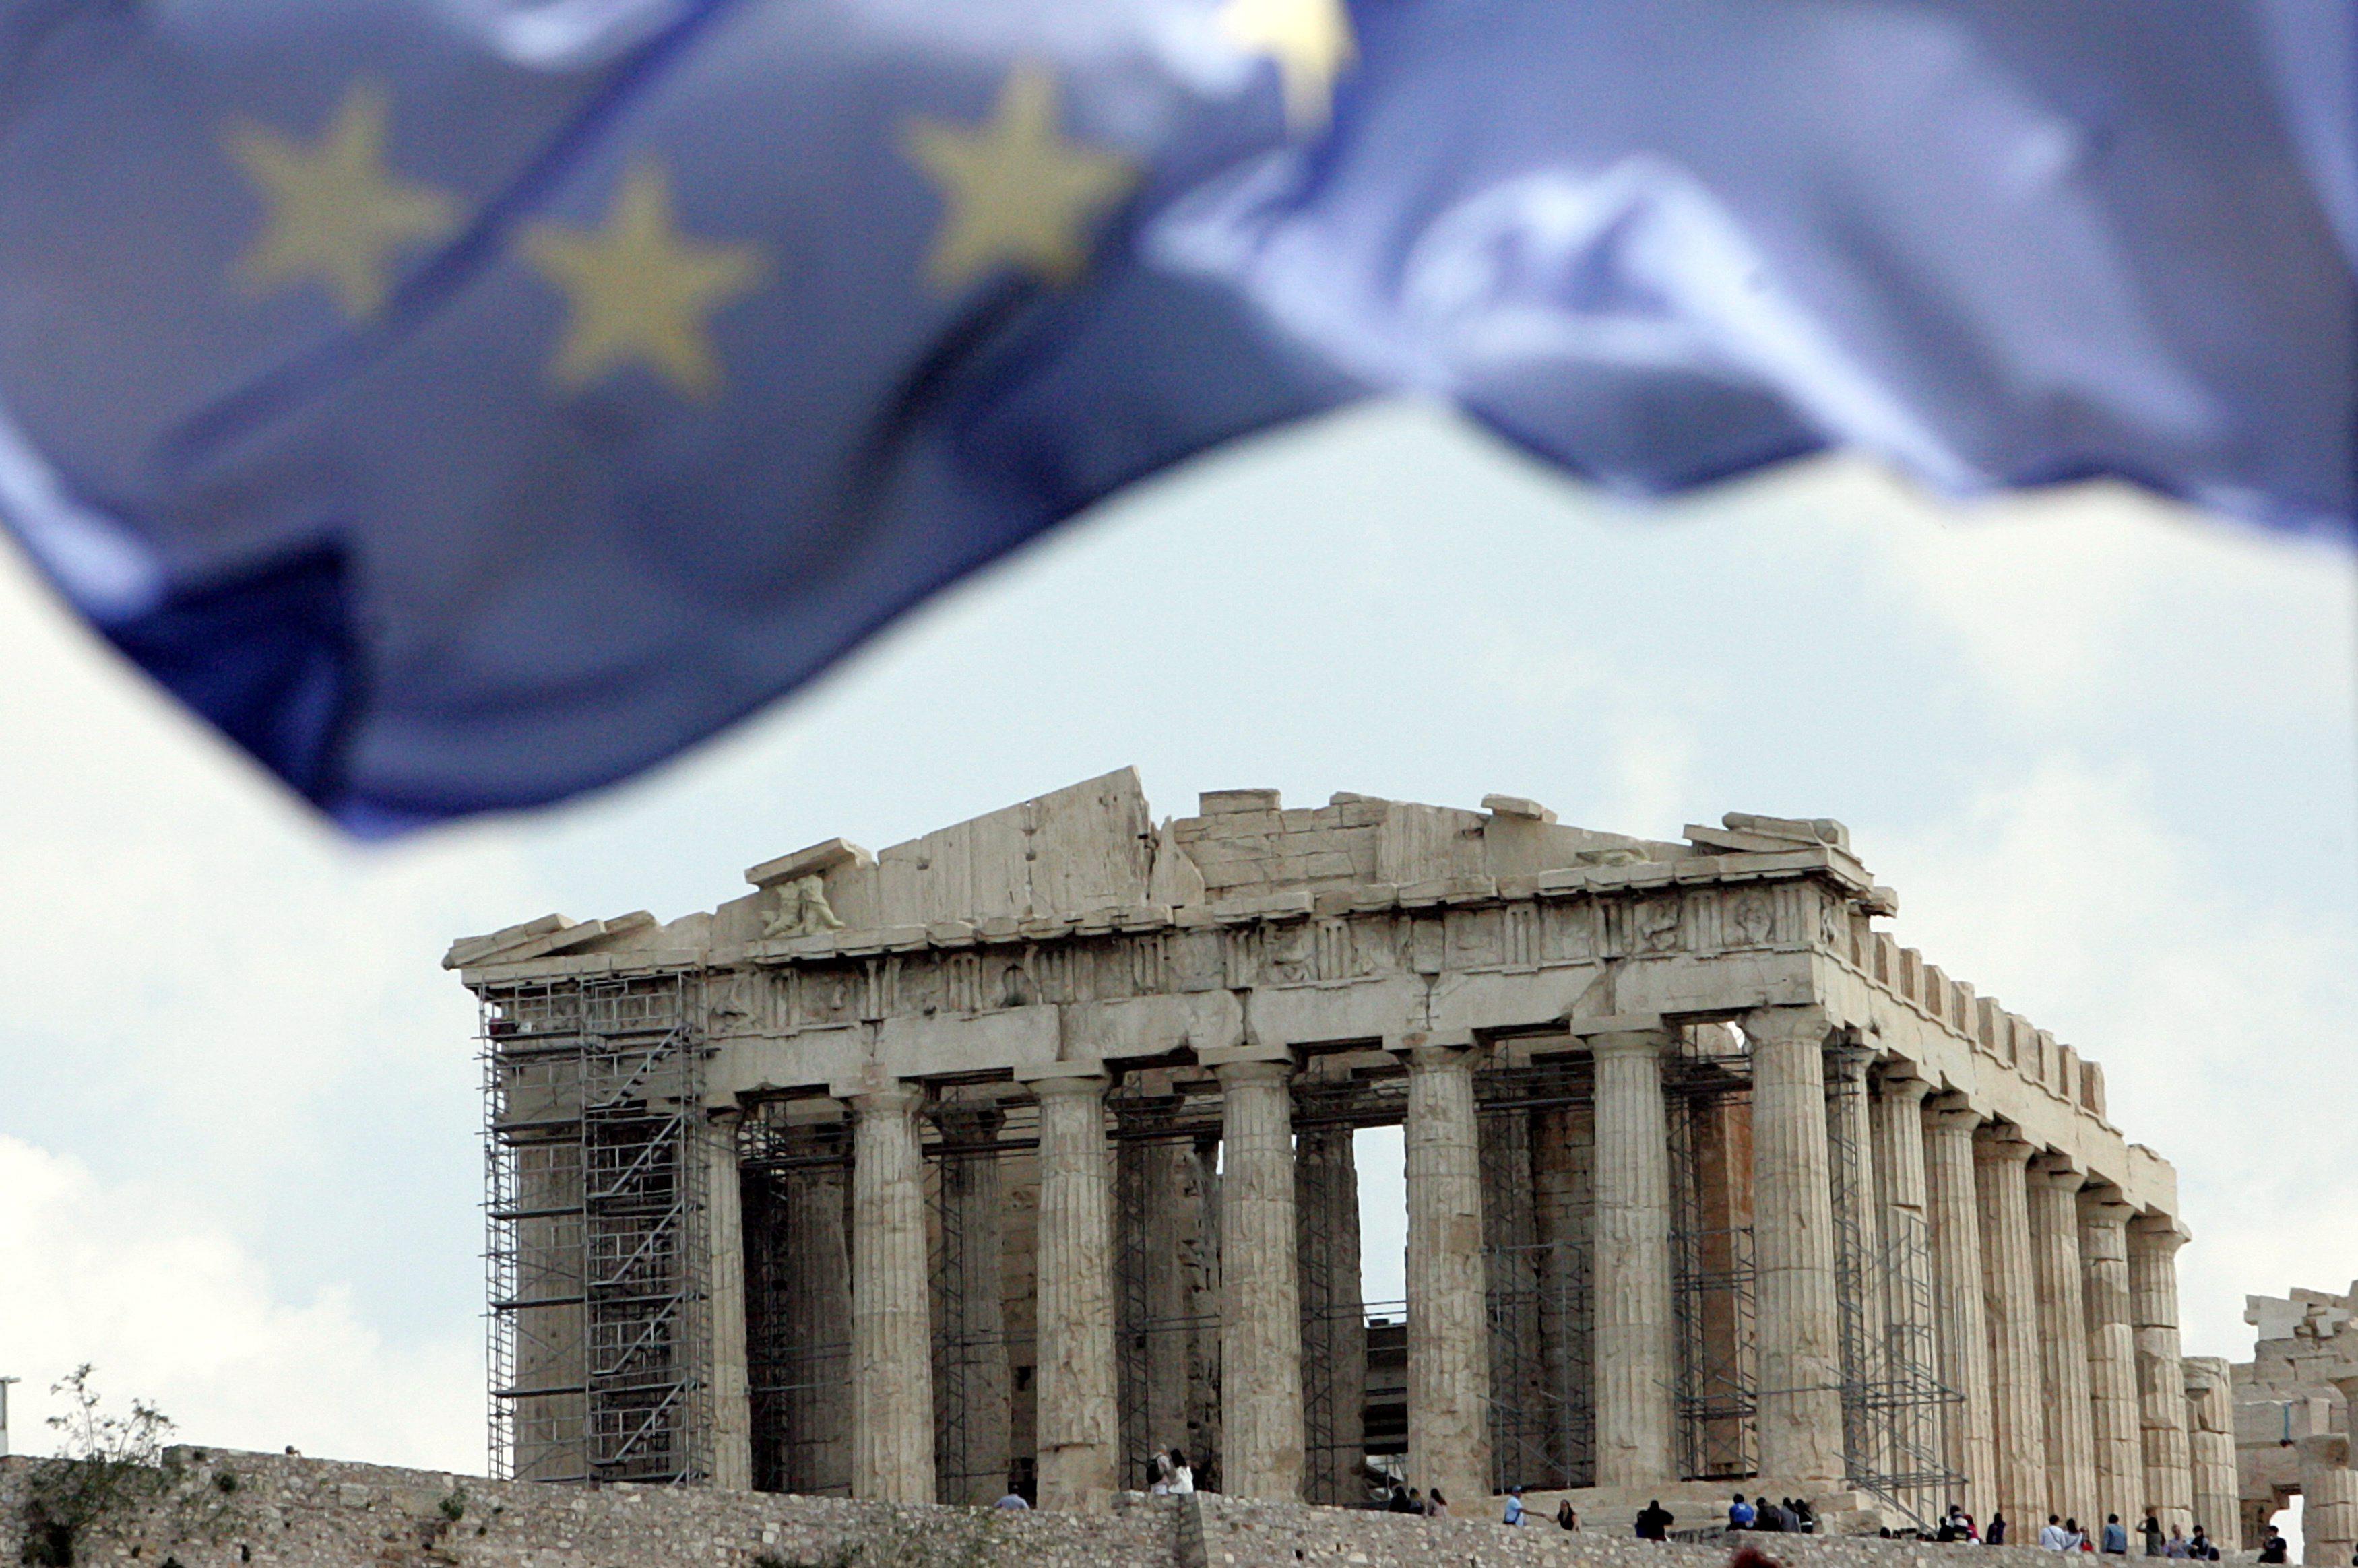 Γερμανοί πολιτικοί: Υπερβολική και ανεύθυνη η συζήτηση περί Grexit | tovima.gr